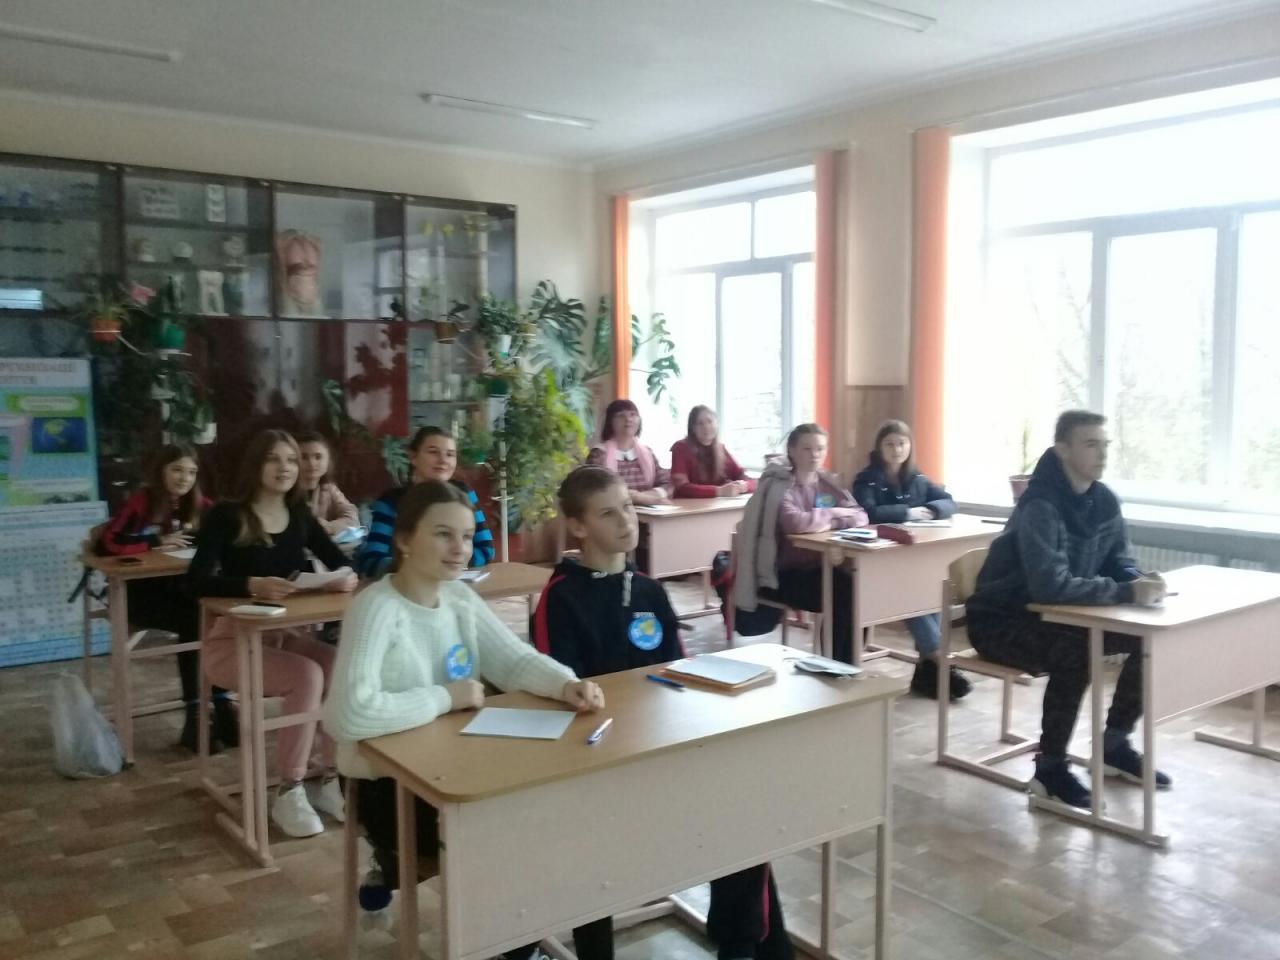 http://dunrada.gov.ua/uploadfile/archive_news/2020/11/09/2020-11-09_7266/images/images-29484.jpg